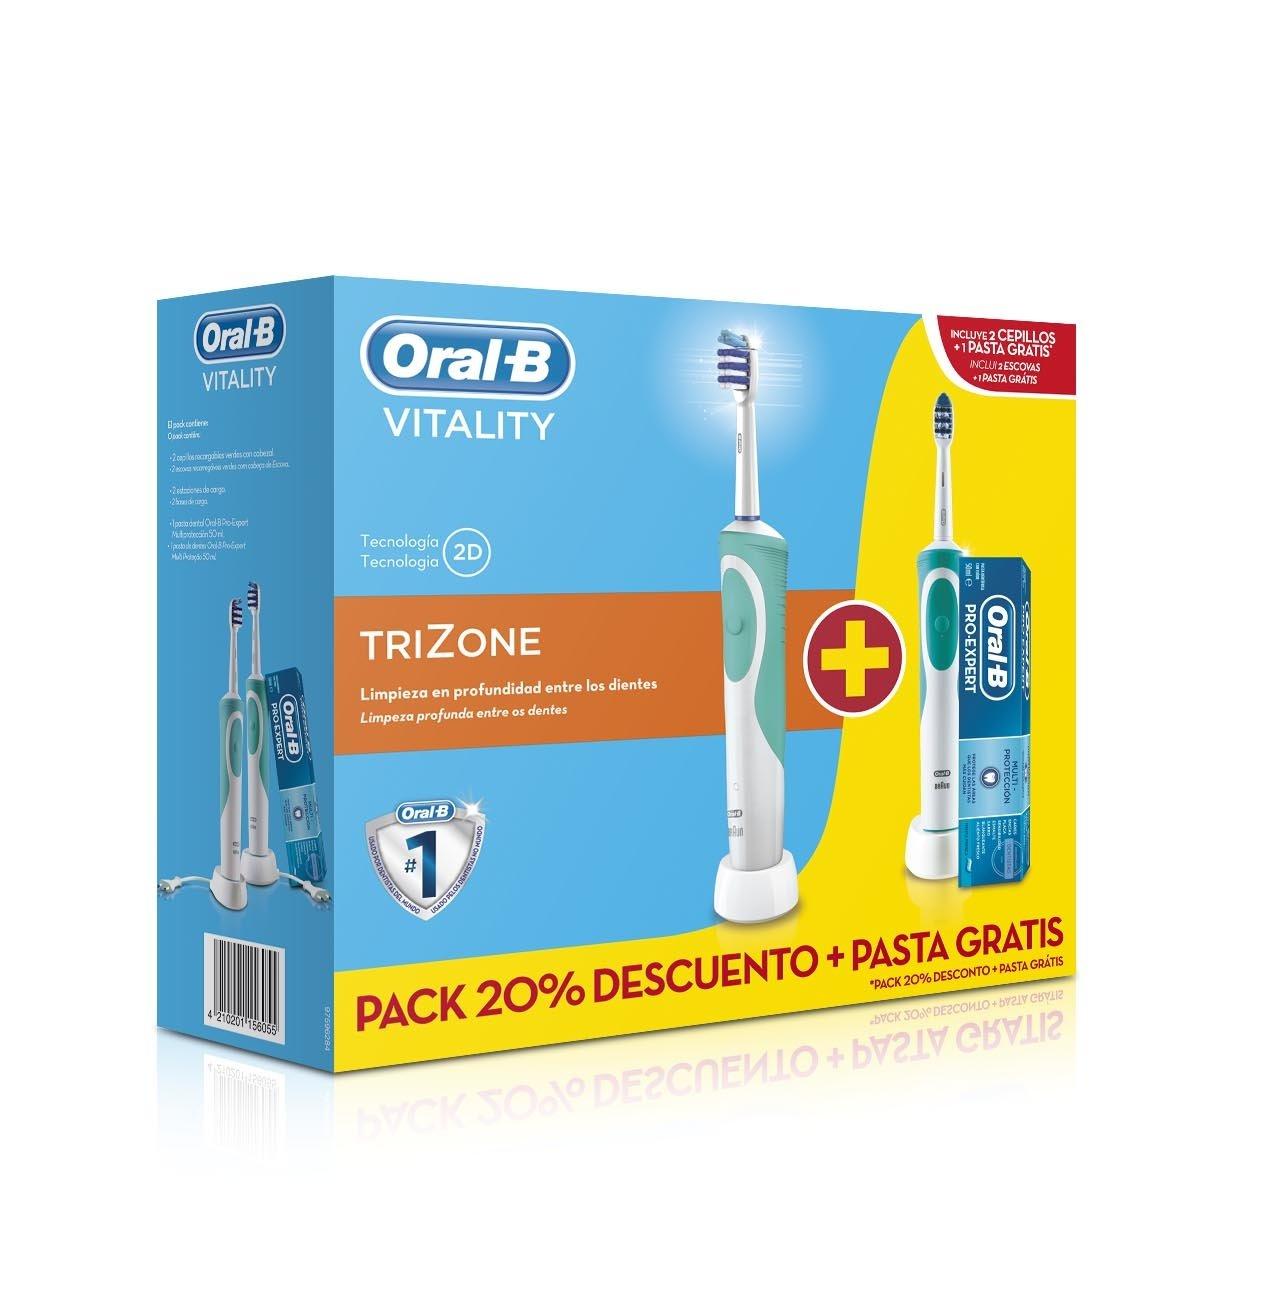 Amazon.com: Oral-B Cepillo De Dientes Eléctrico Oral-B Vitality Plus TriZone 2 Unidades: Beauty